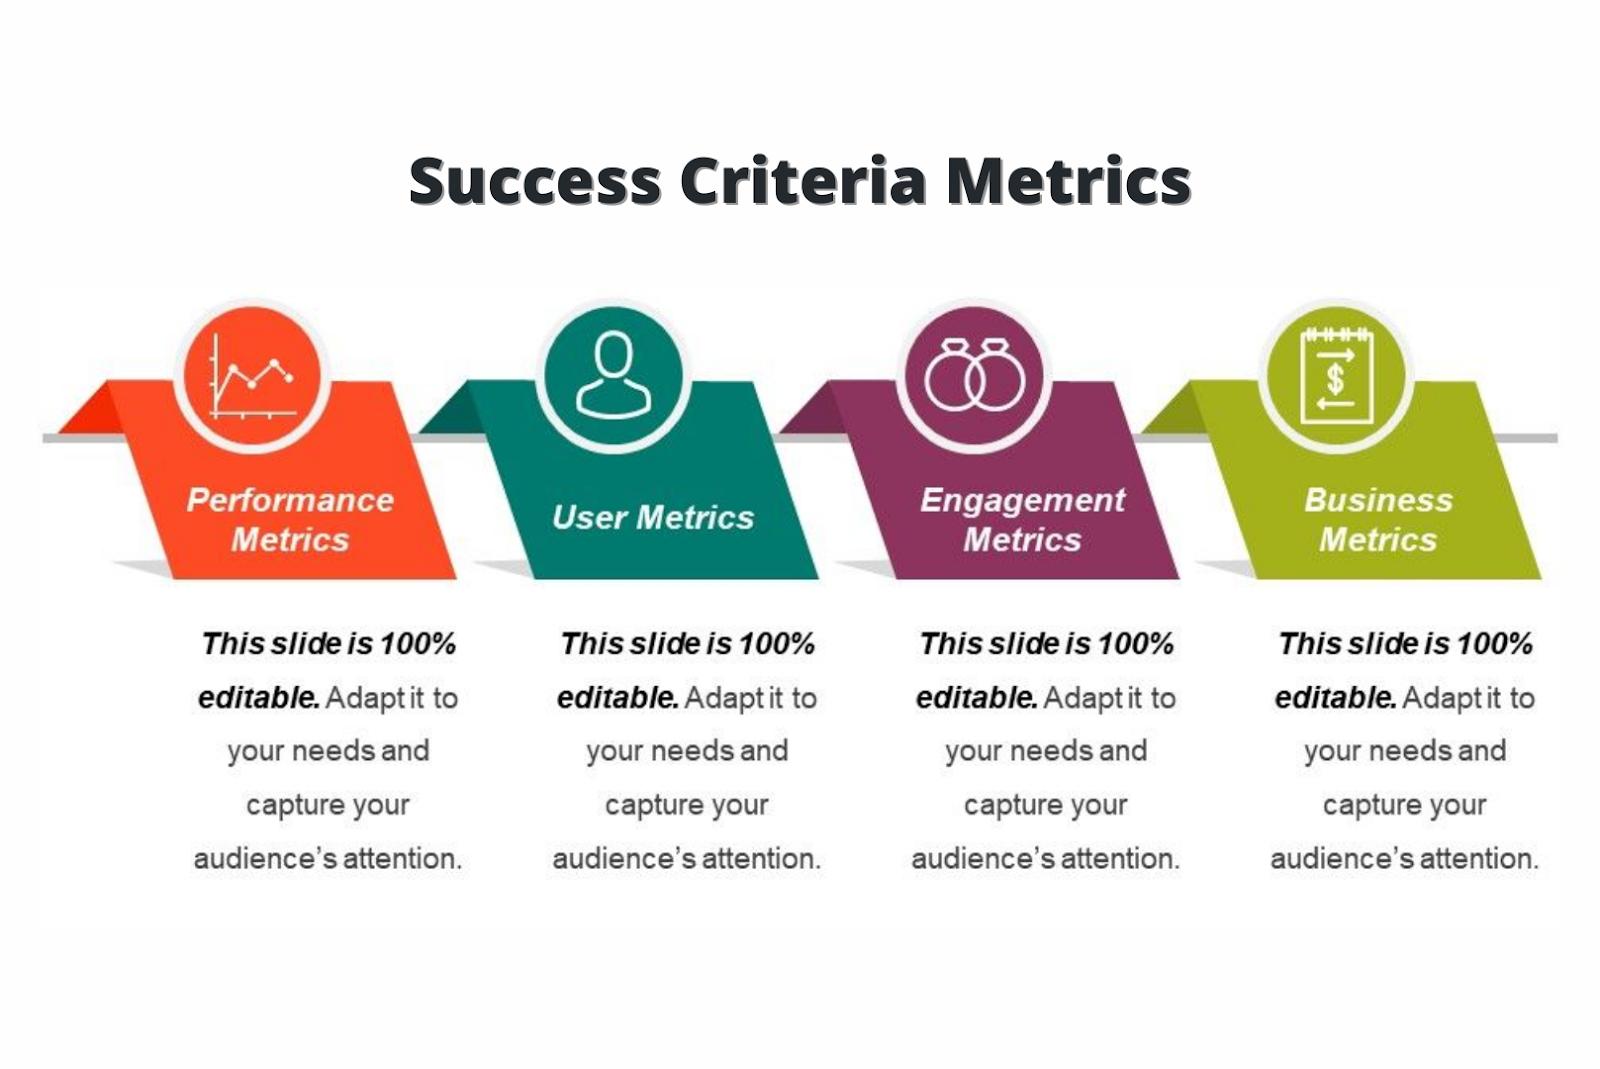 Success Criteria Metrics